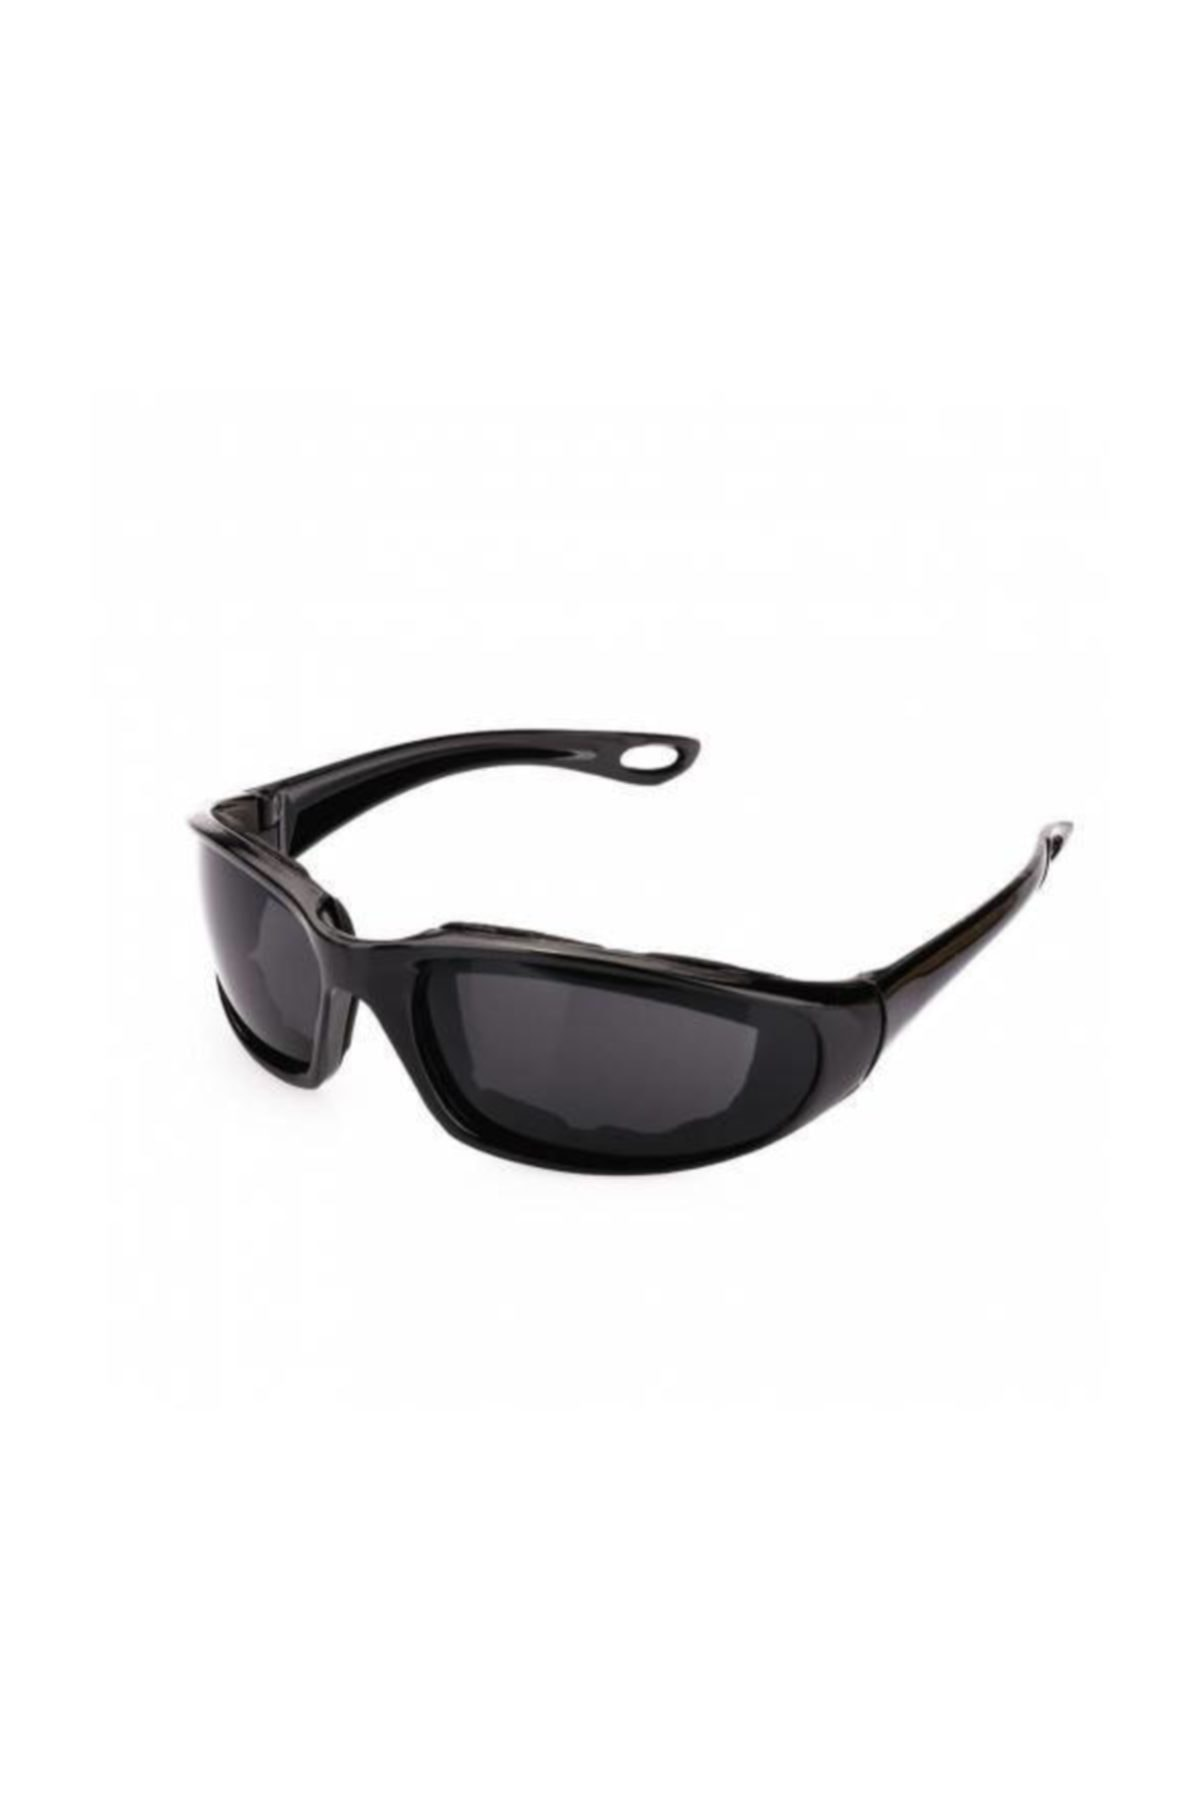 Mimozaavm Uv400 Rüzgar Korumalı Motosiklet Biskiklet Kayak Güneş Gözlüğü 2